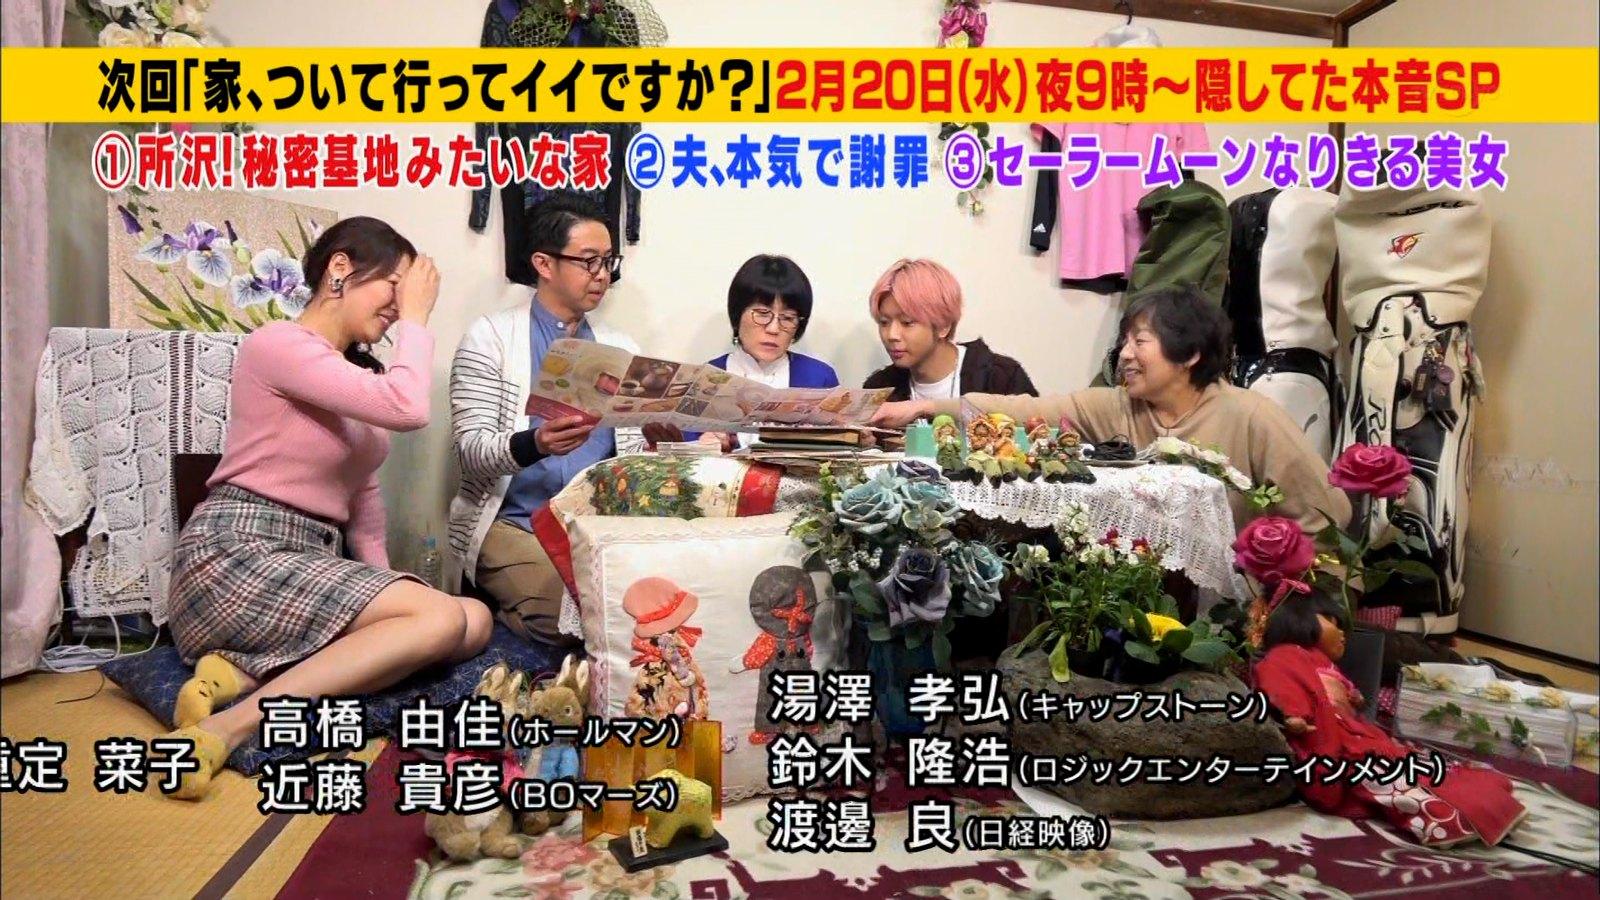 2019年2月13日テレビ東京「家、ついて行ってイイですか?」鷲見玲奈さんのテレビキャプチャー画像-303